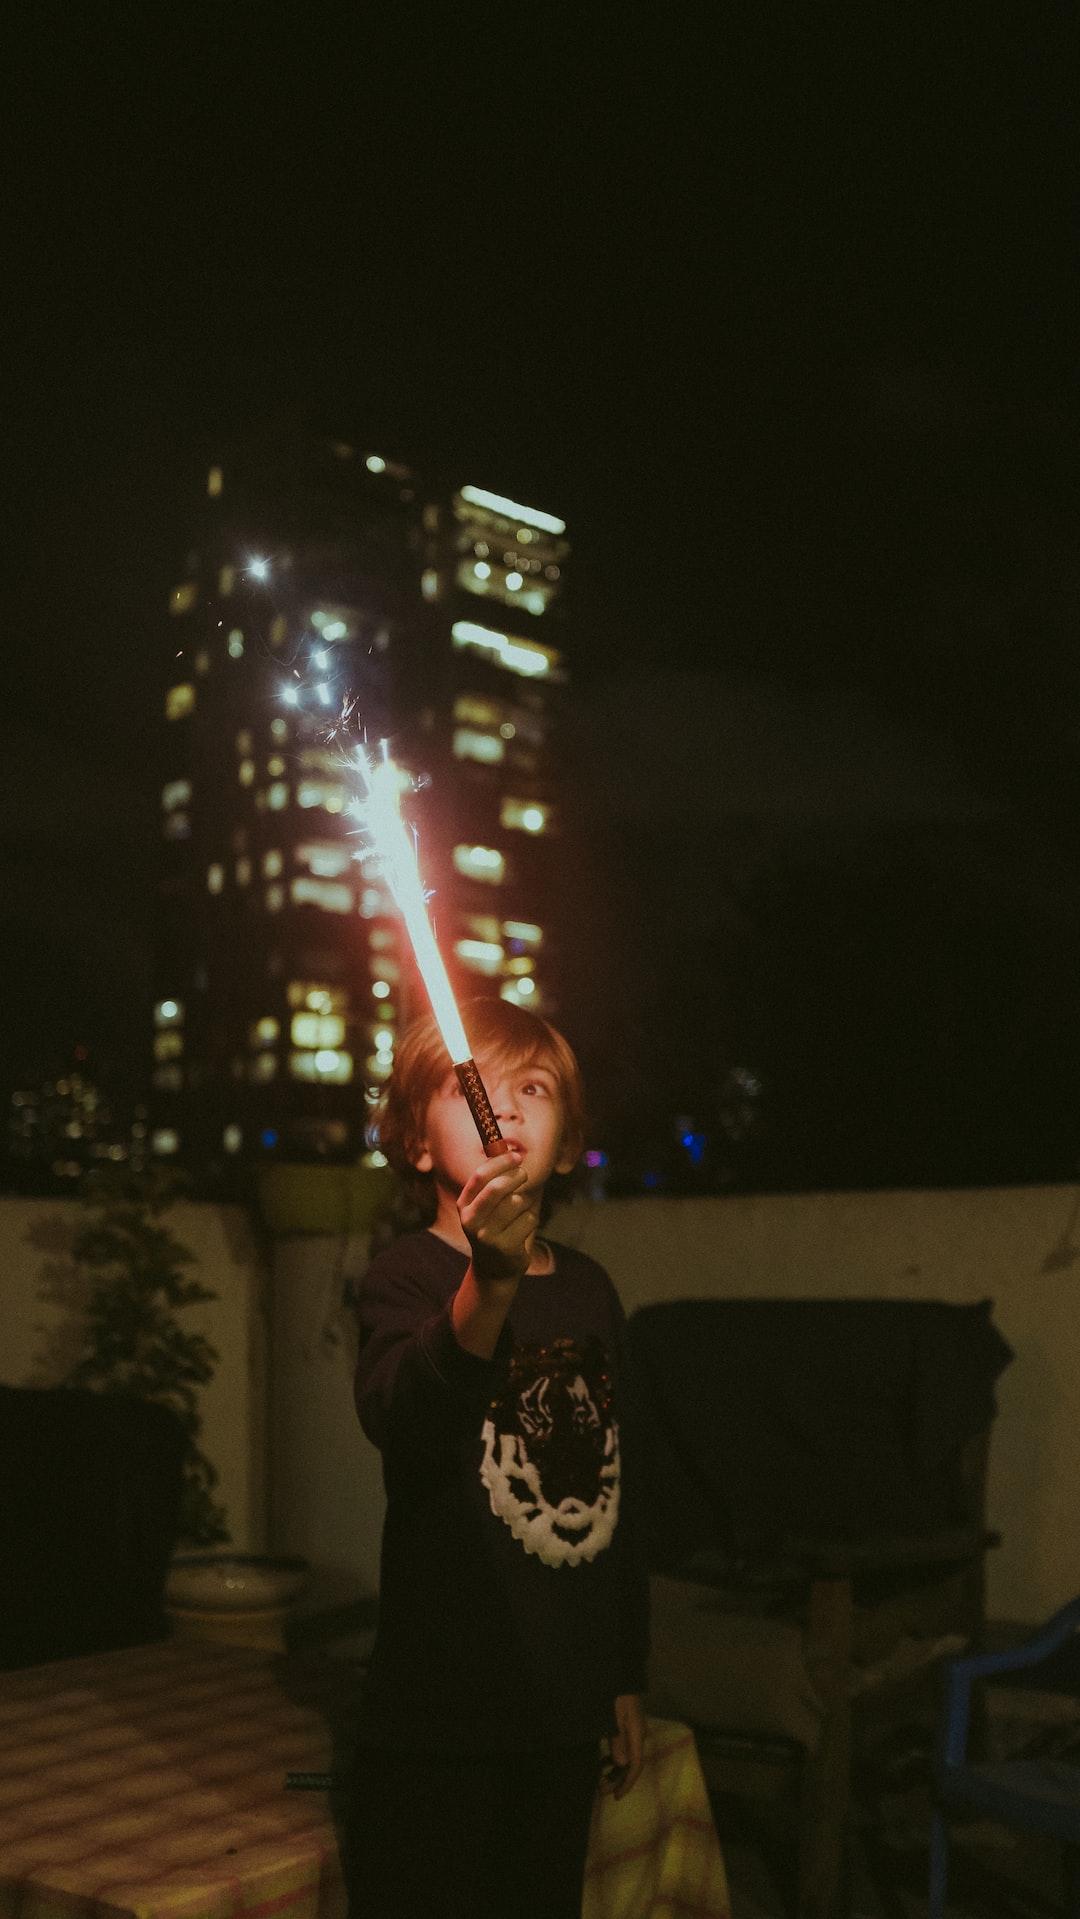 light flair fun at night